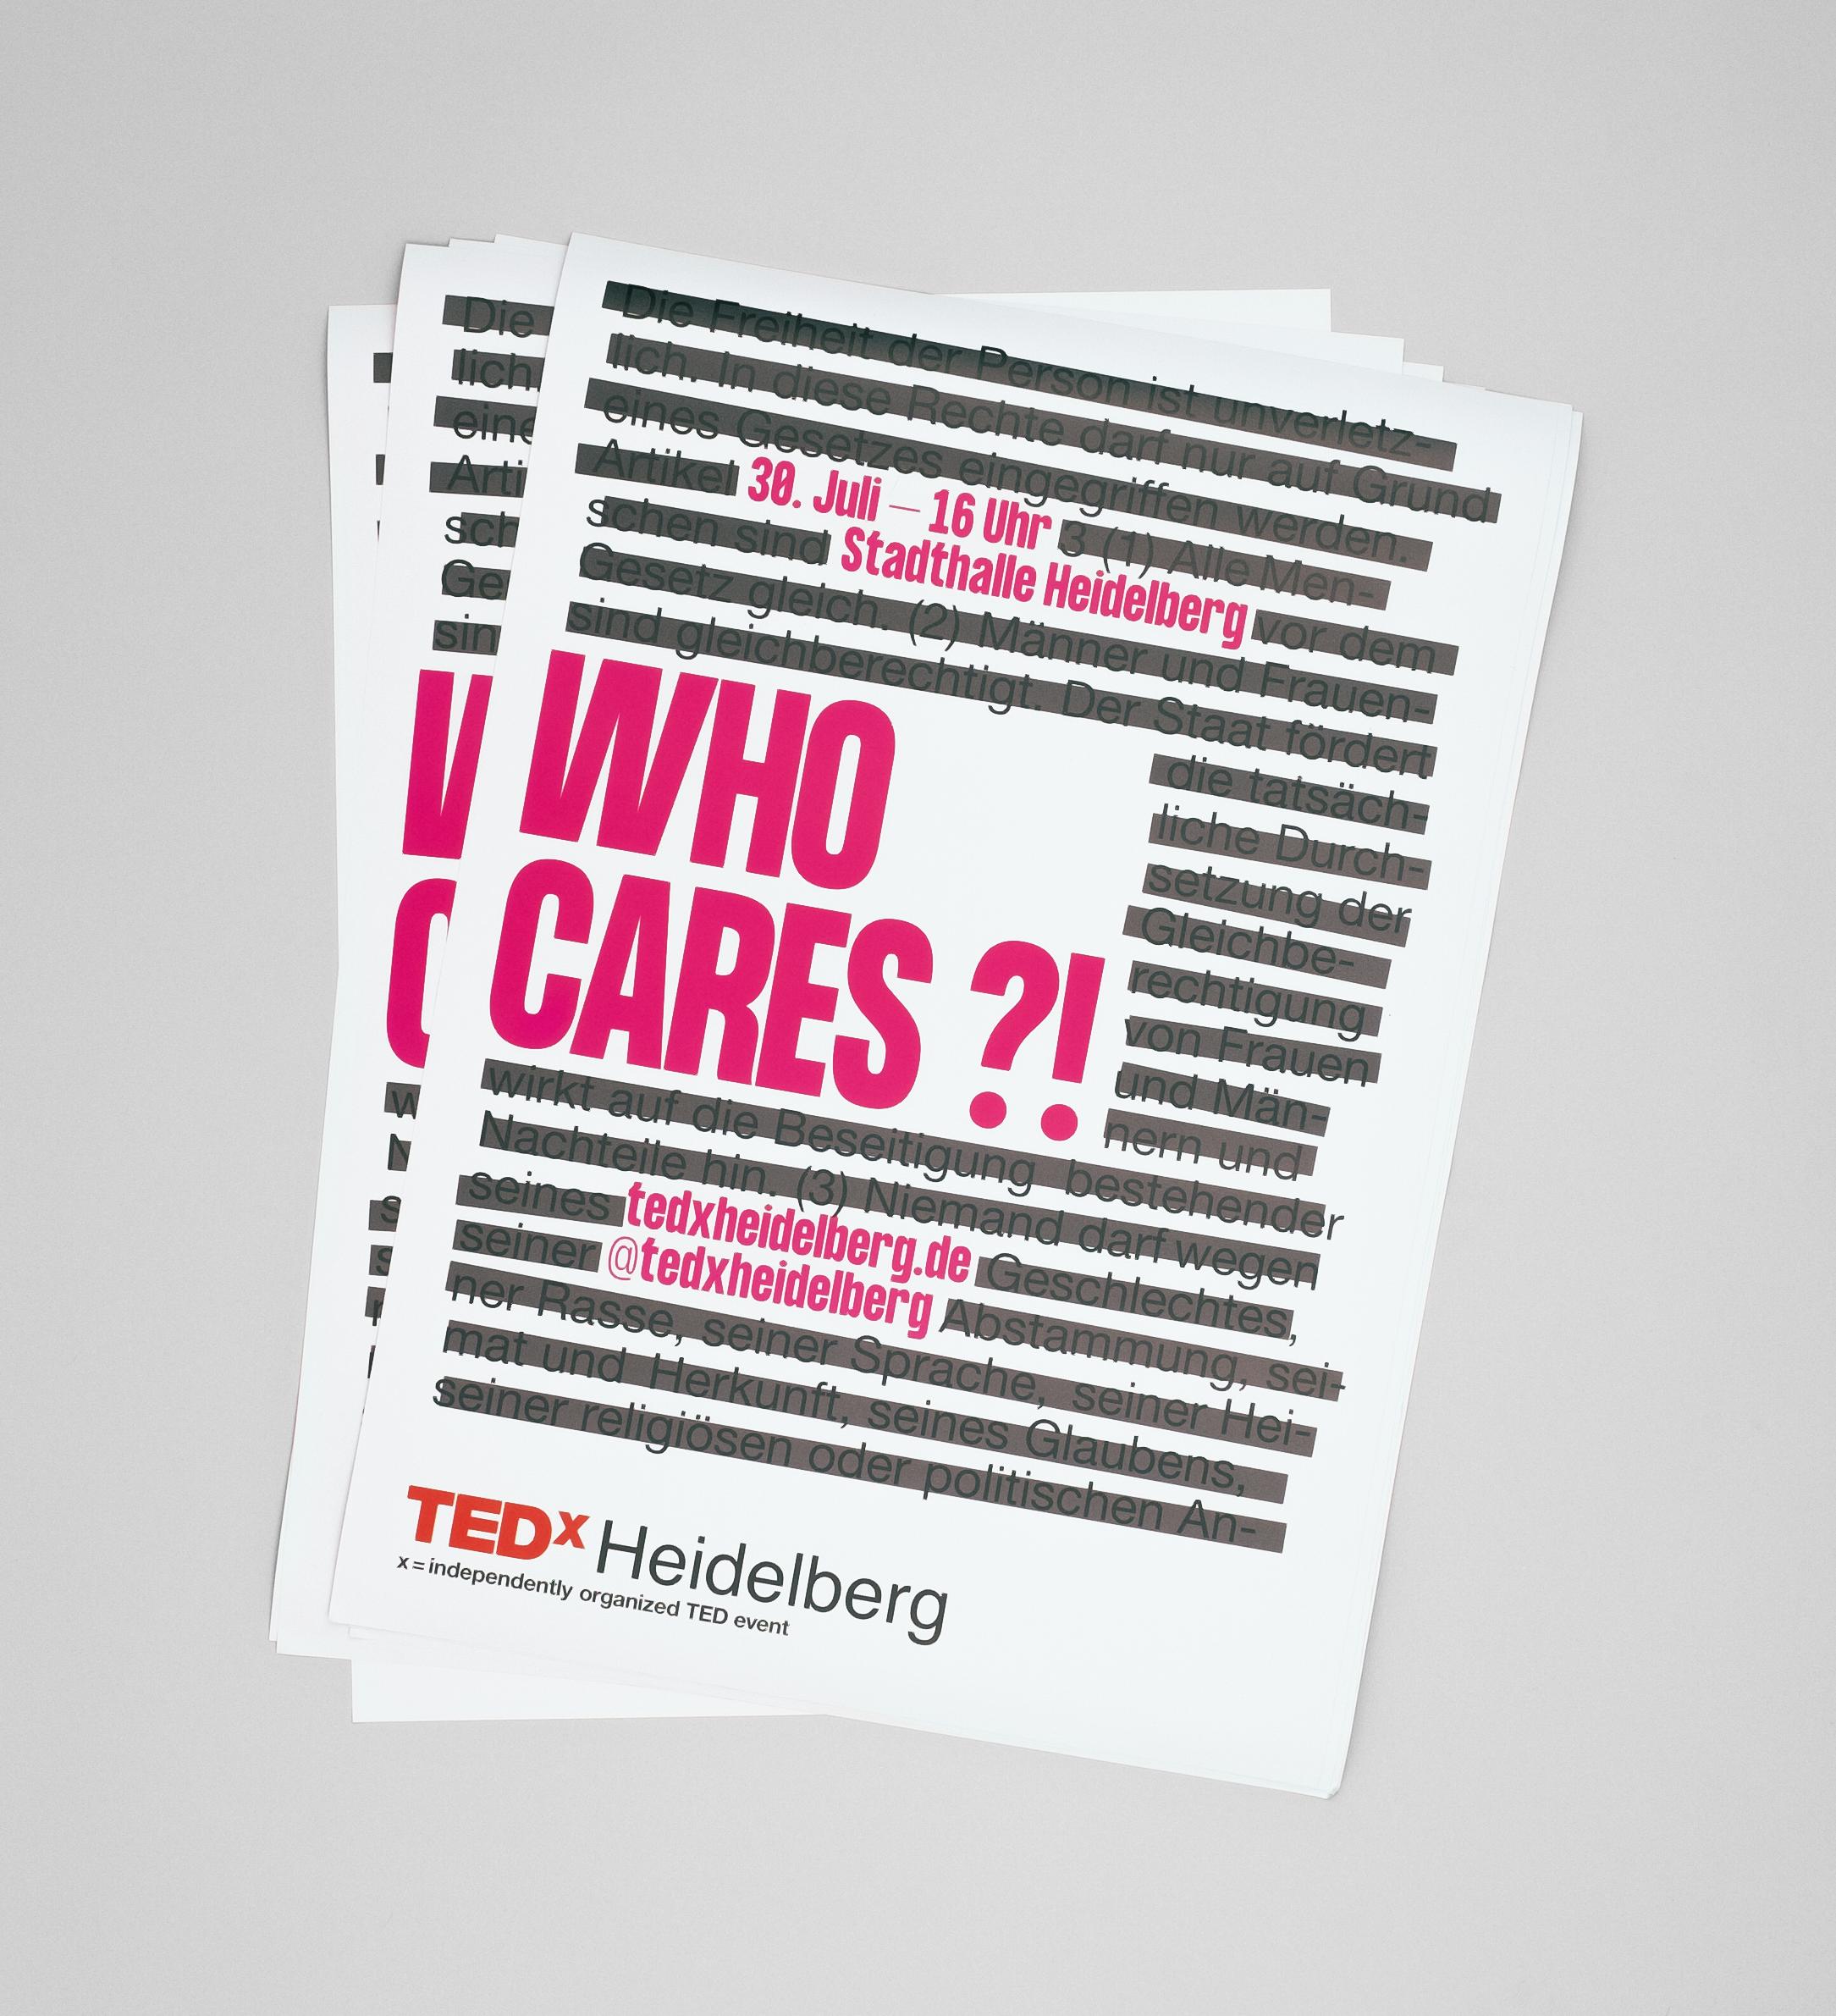 alexandra bald Tedx